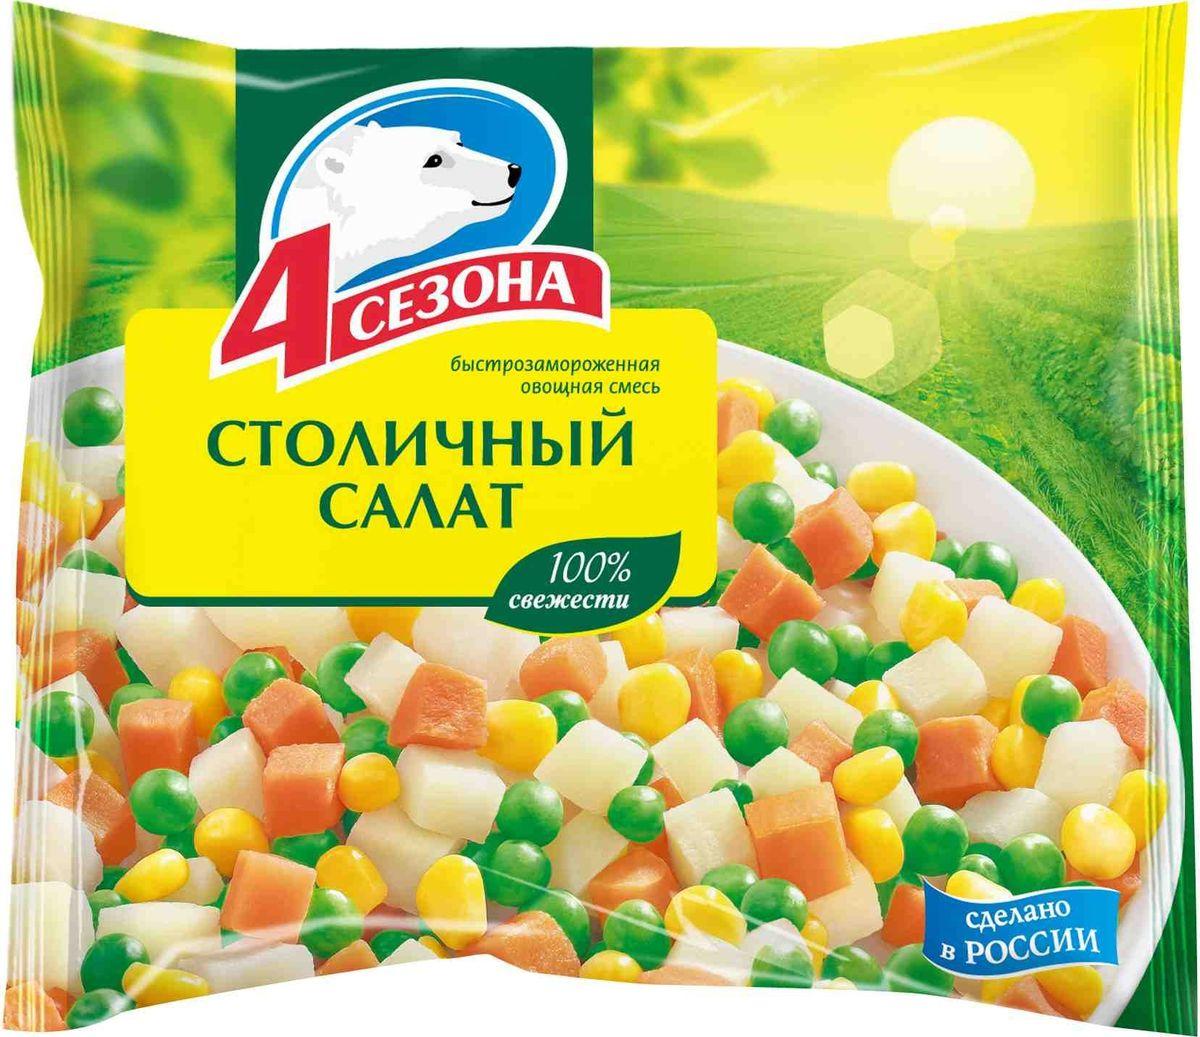 4 Сезона Столичный салат, 400 г3602012Овощная смесь 4 сезона Столичный салат является источником витаминов, особенно в зимне-осенний период, когда поступающие в продажу овощи не могут похвастаться их наличием. Благотворно влияет на деятельность пищевой и сердечно-сосудистой систем, помогает наладить выделительные процессы. Овощную смесь 4 сезона Столичный салат можно использовать и как гарнир, приготовив на сковородке с добавлением оливкового масла, соли и приправ.